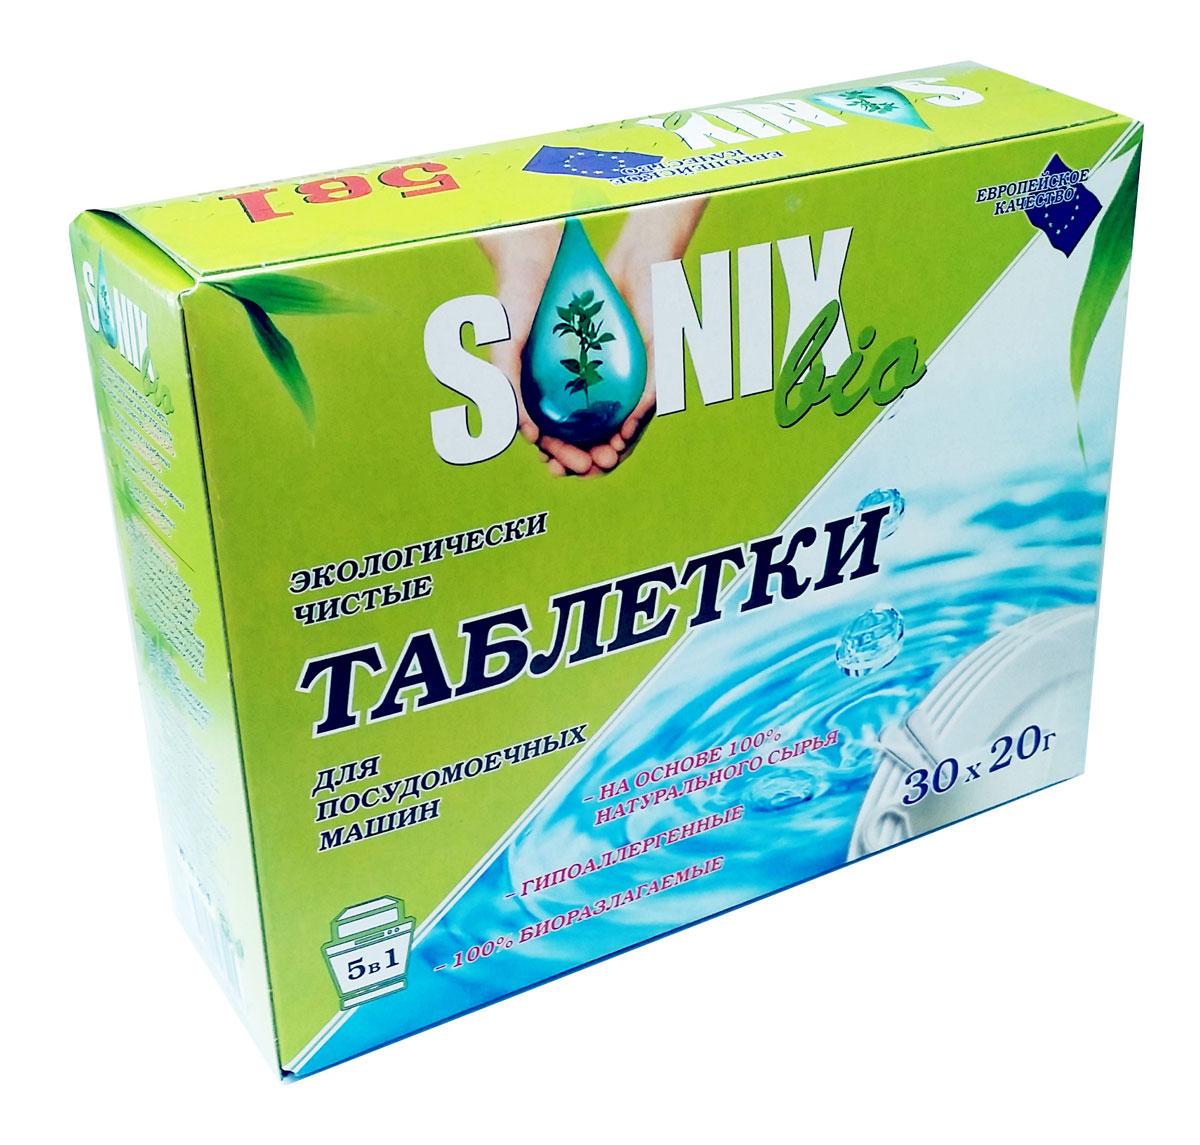 Таблетки для посудомоечных машин SonixBio 5 в 1, 30 шт х 20 г391602Таблетки SonixBio 5 в 1 способны к биологическому разложению. Упаковка подлежит переработке во вторичное сырье. Таблетки предназначены для мытья посуды в посудомоечных машинах любого типа и производителя. Благодаря кислороду и тщательно подобранным 100% натуральным активным компонентам, таблетки основательно, но в то же время деликатно, не повреждая посуду и рисунок на ней, растворяют любые, даже самые стойкие загрязнения и остатки пищи. Очищают тщательно и эффективно с помощью веществ, не наносящих вреда человеку и окружающей среде.Состав: триполифосфат натрия, перкарбонат натрия, ТАЕД, неионогенные ПАВ, поликарбоксилаты, энзимы.Вес одной таблетки: 20 г.Товар сертифицирован.